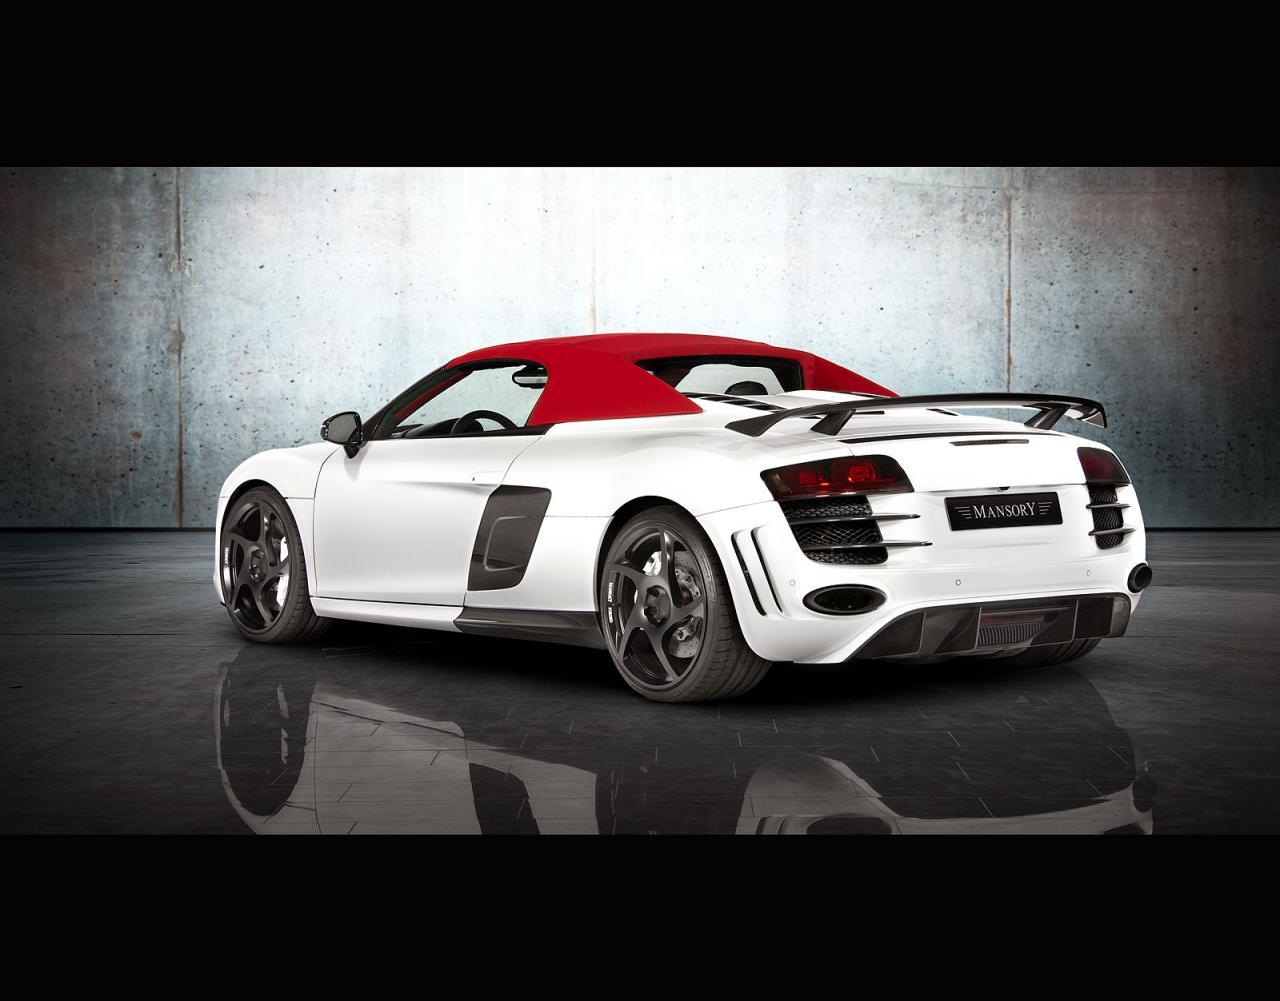 Audi audi r8 spyder v10 : Mansory Audi R8 V10 Spyder - autoevolution